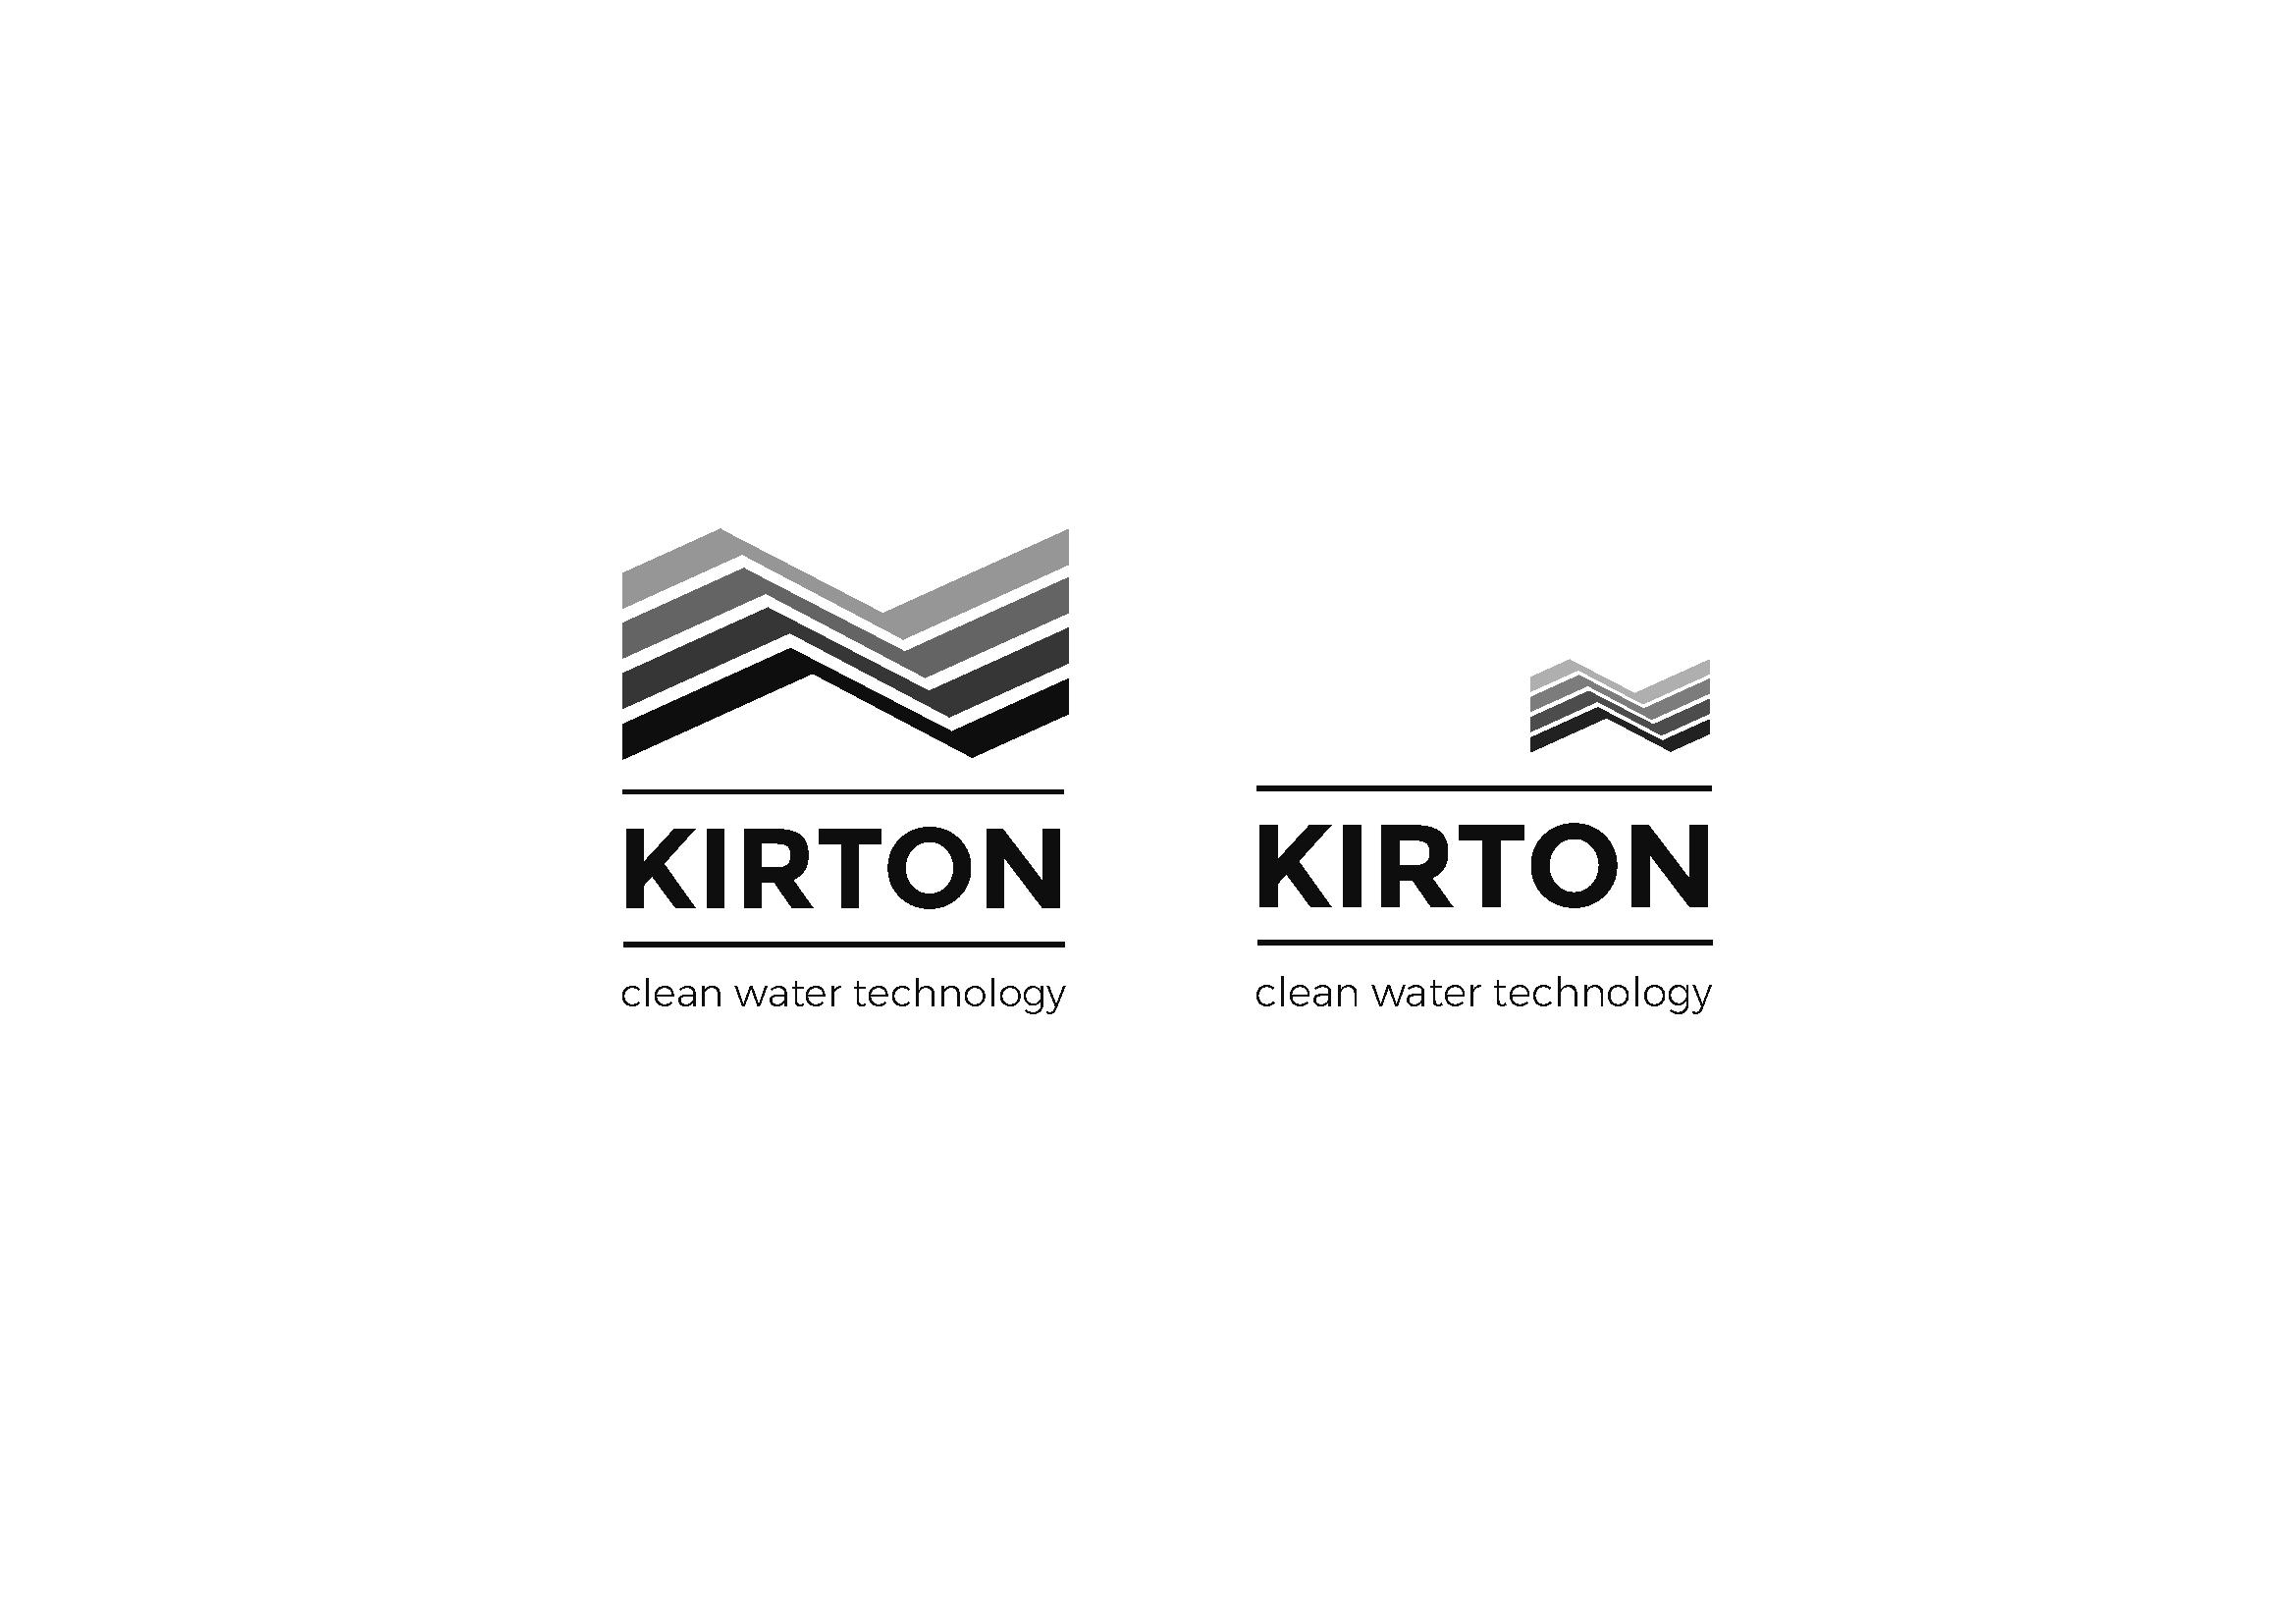 kirton-logos-v2_Page_1.png